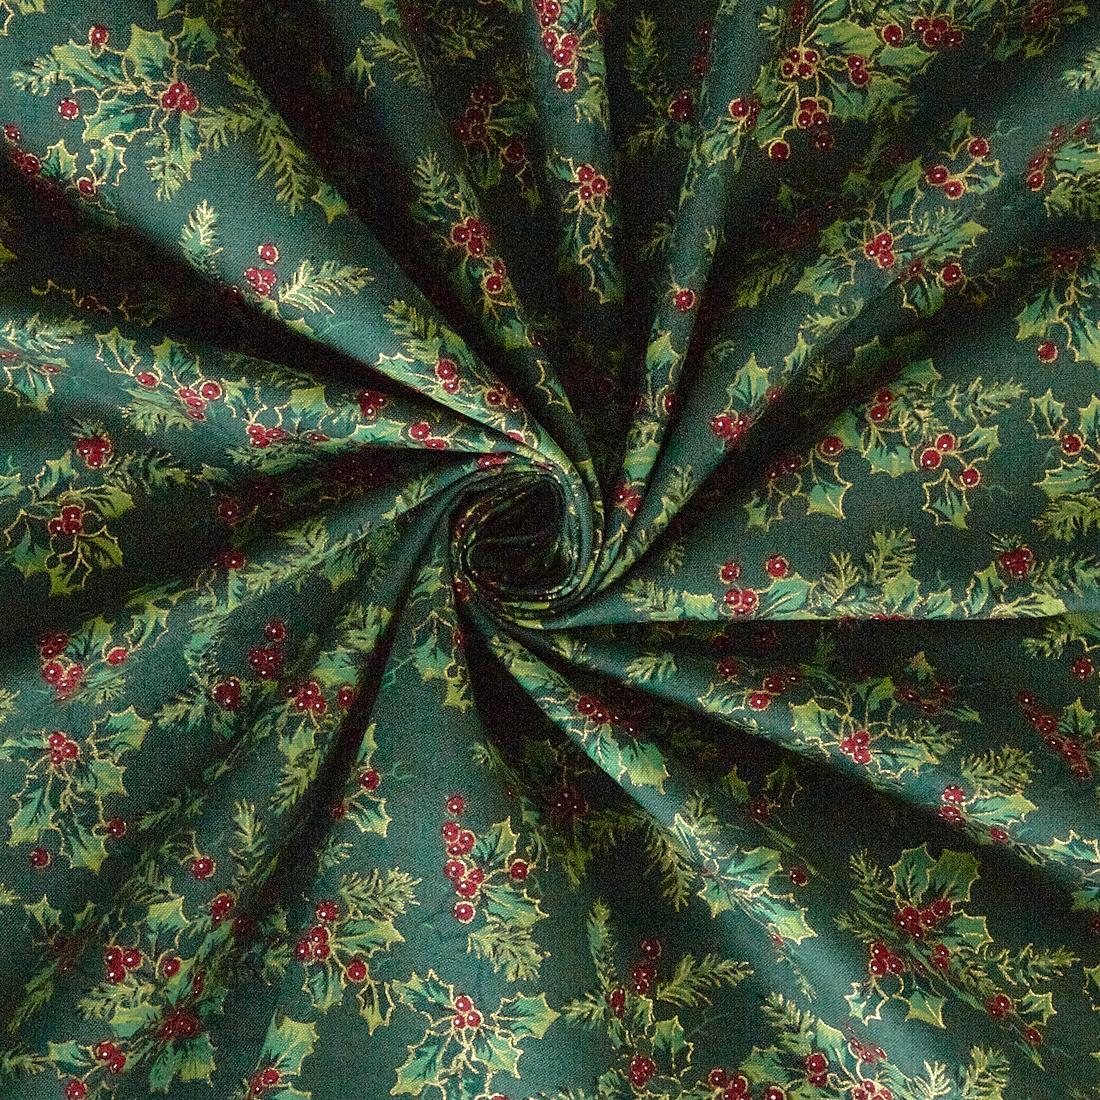 Cotton Xmas Holly Green